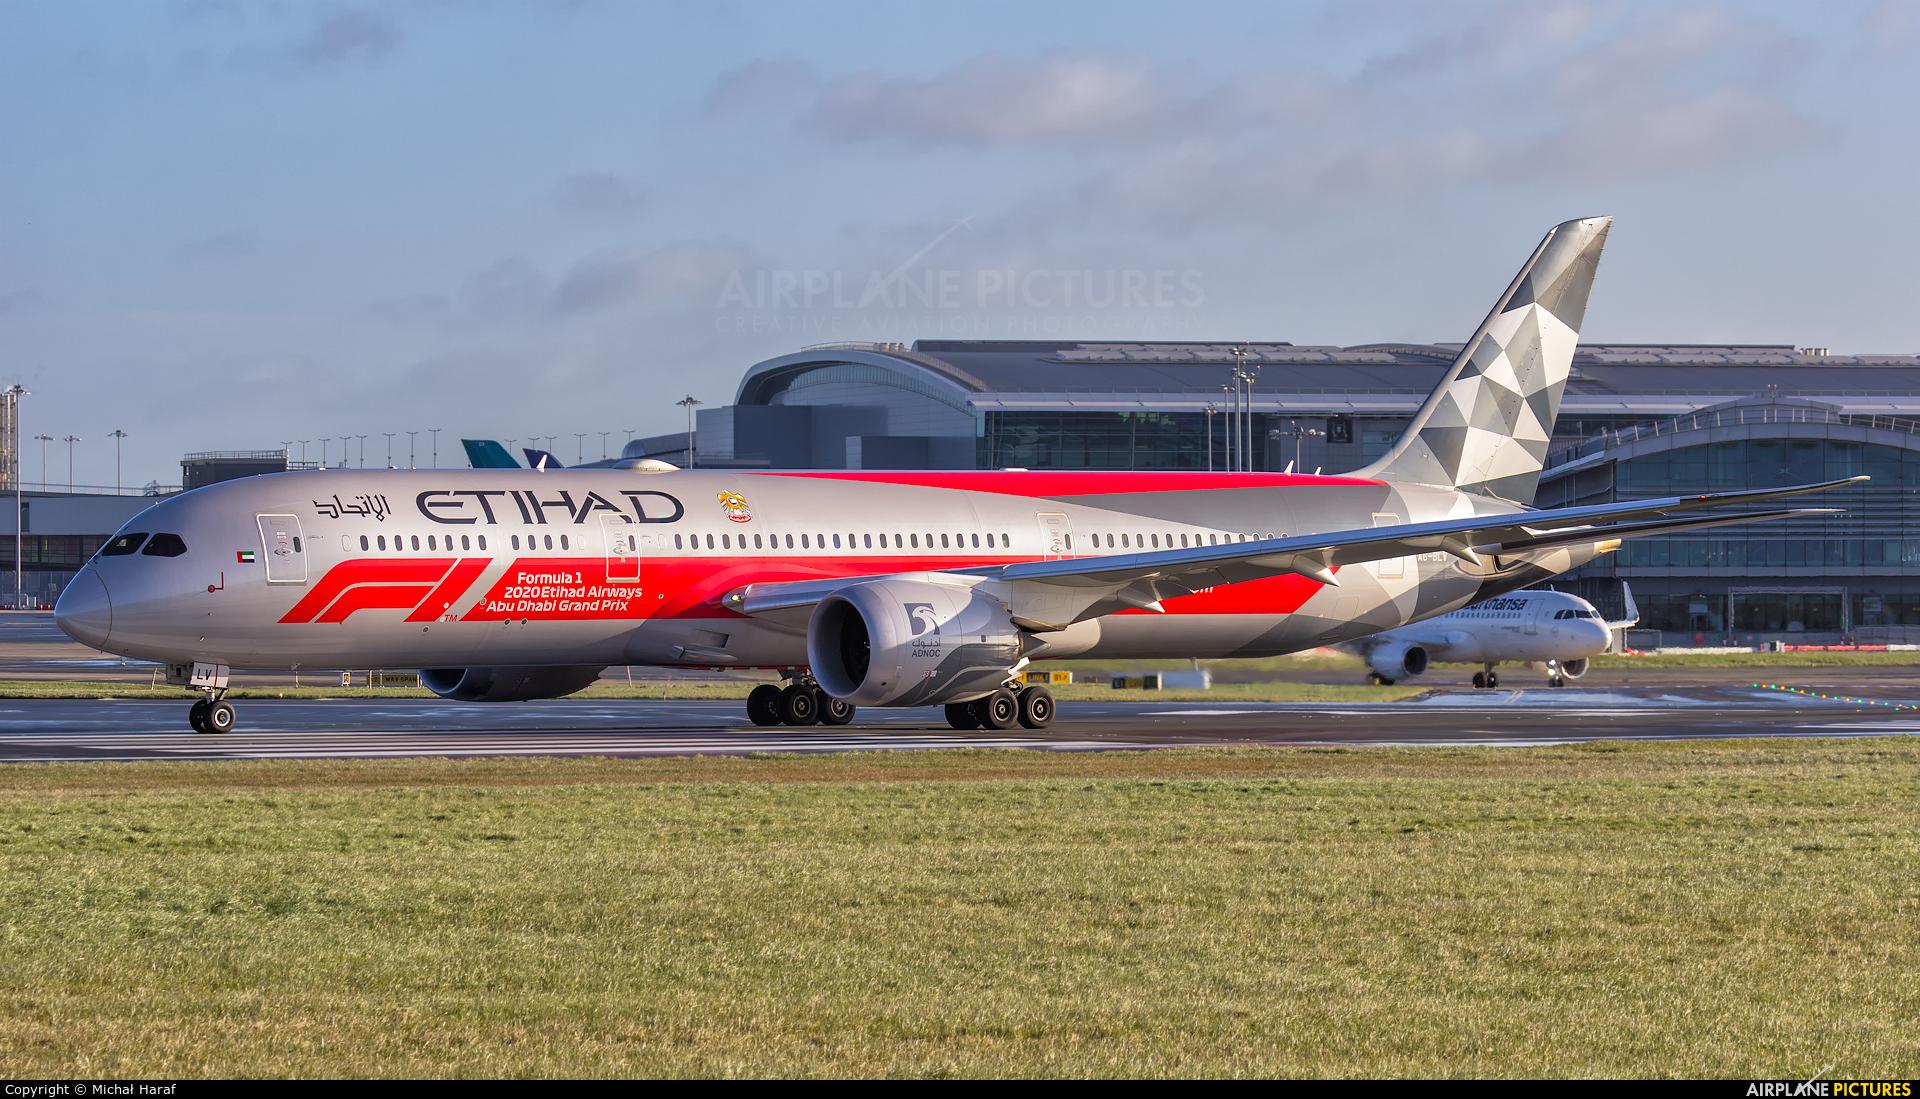 Etihad Airways A6-BLV aircraft at Dublin